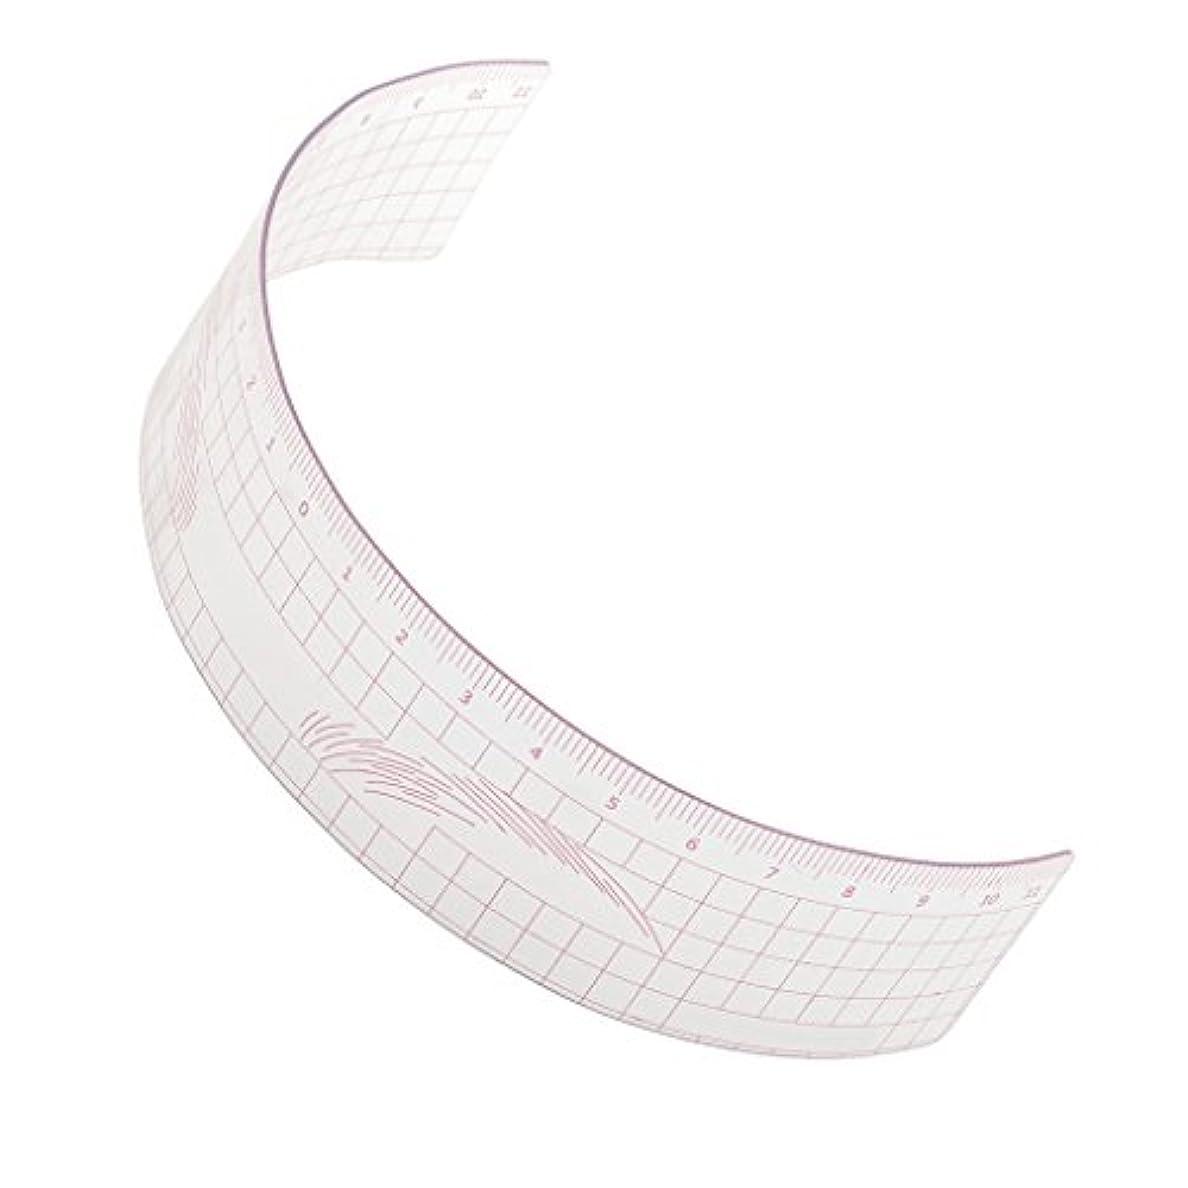 分類クルー公平なPerfk 再利用可能 メイク 眉毛ステンシル マイクロブレード 測定用 ルーラー ツール 全3色 - ピンク